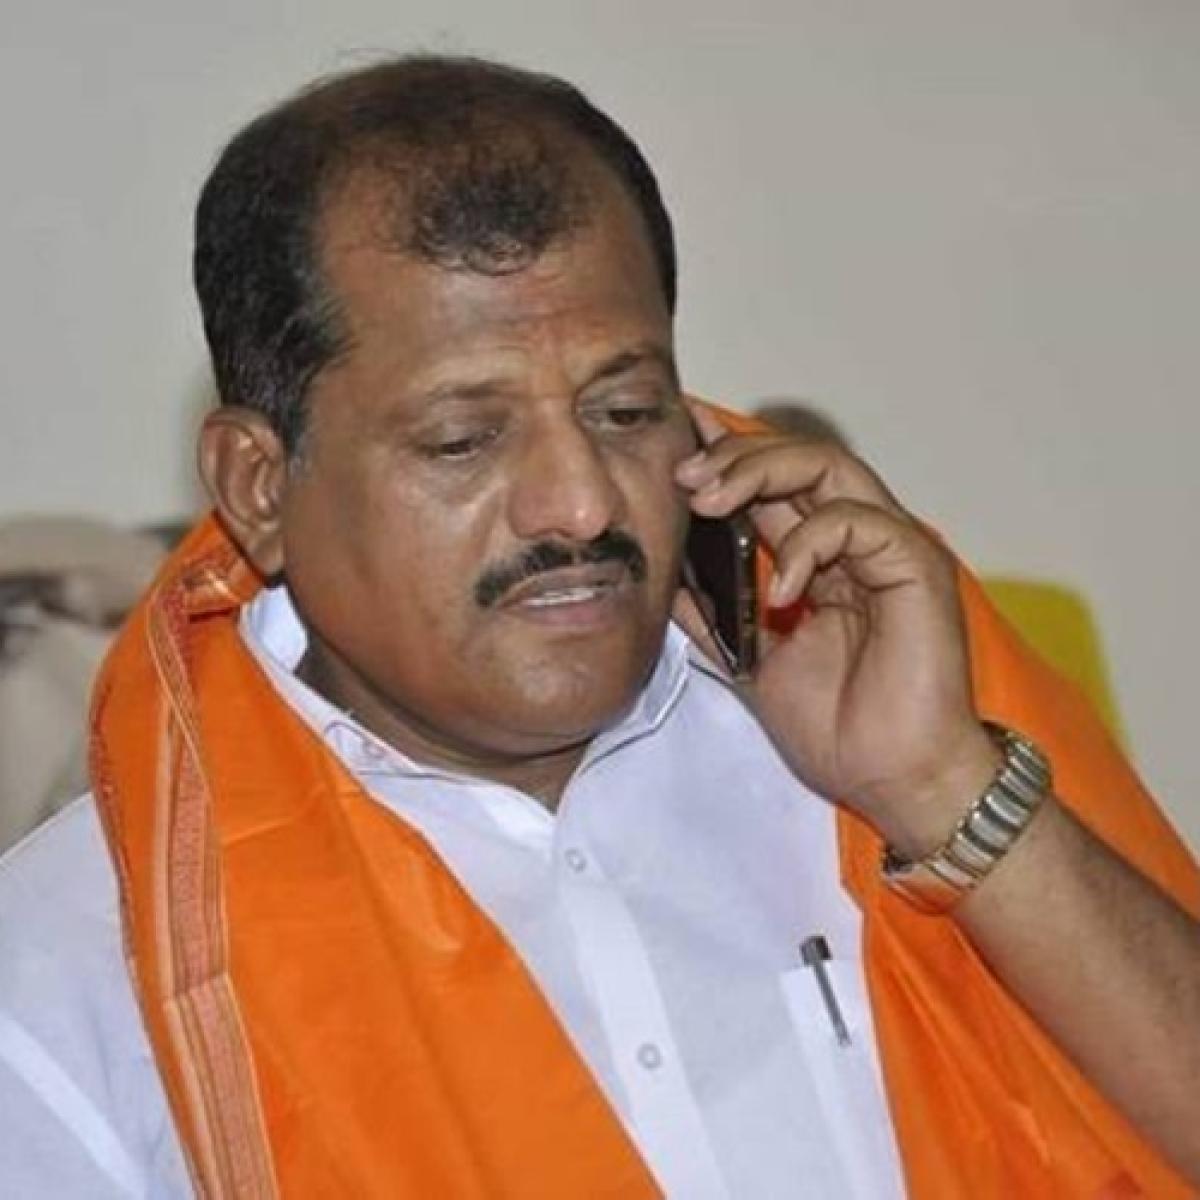 Maharashtra: Shiv Sena MP Sanjay Jadhav alleges threat to life, files police complaint